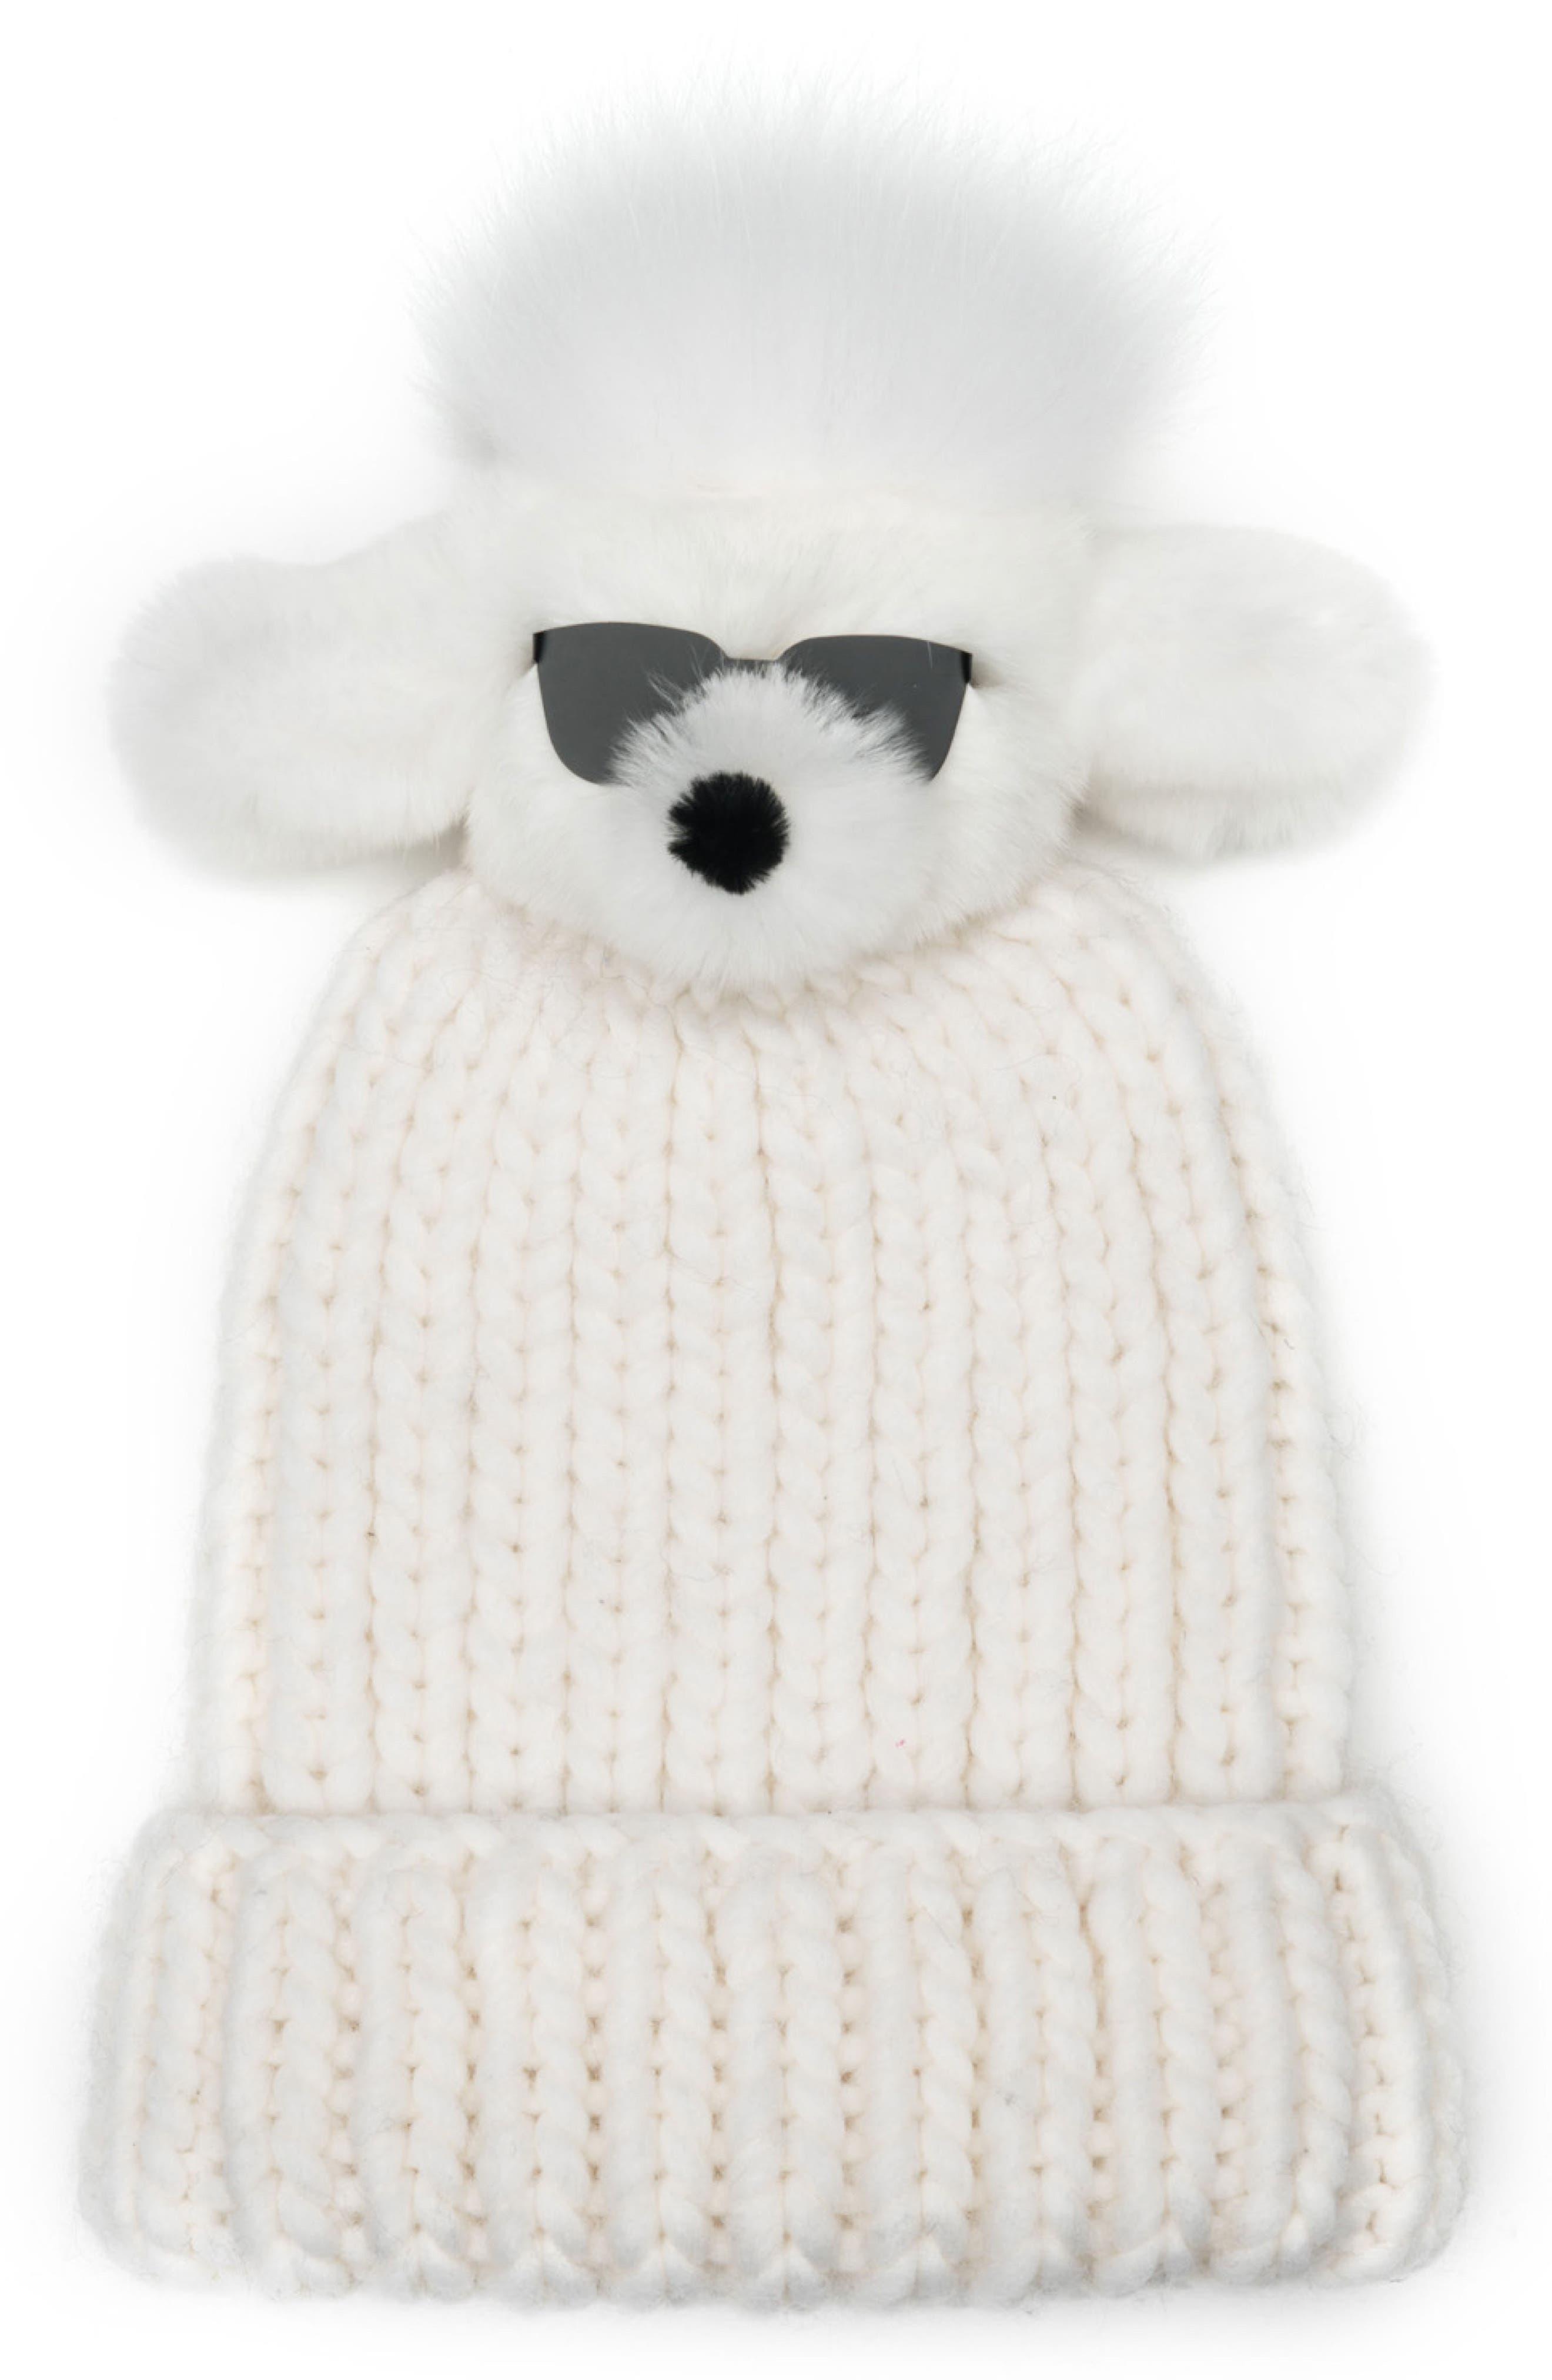 Eugenia Kim Rain Wool Stocking Cap with Genuine Fox Fur Pom